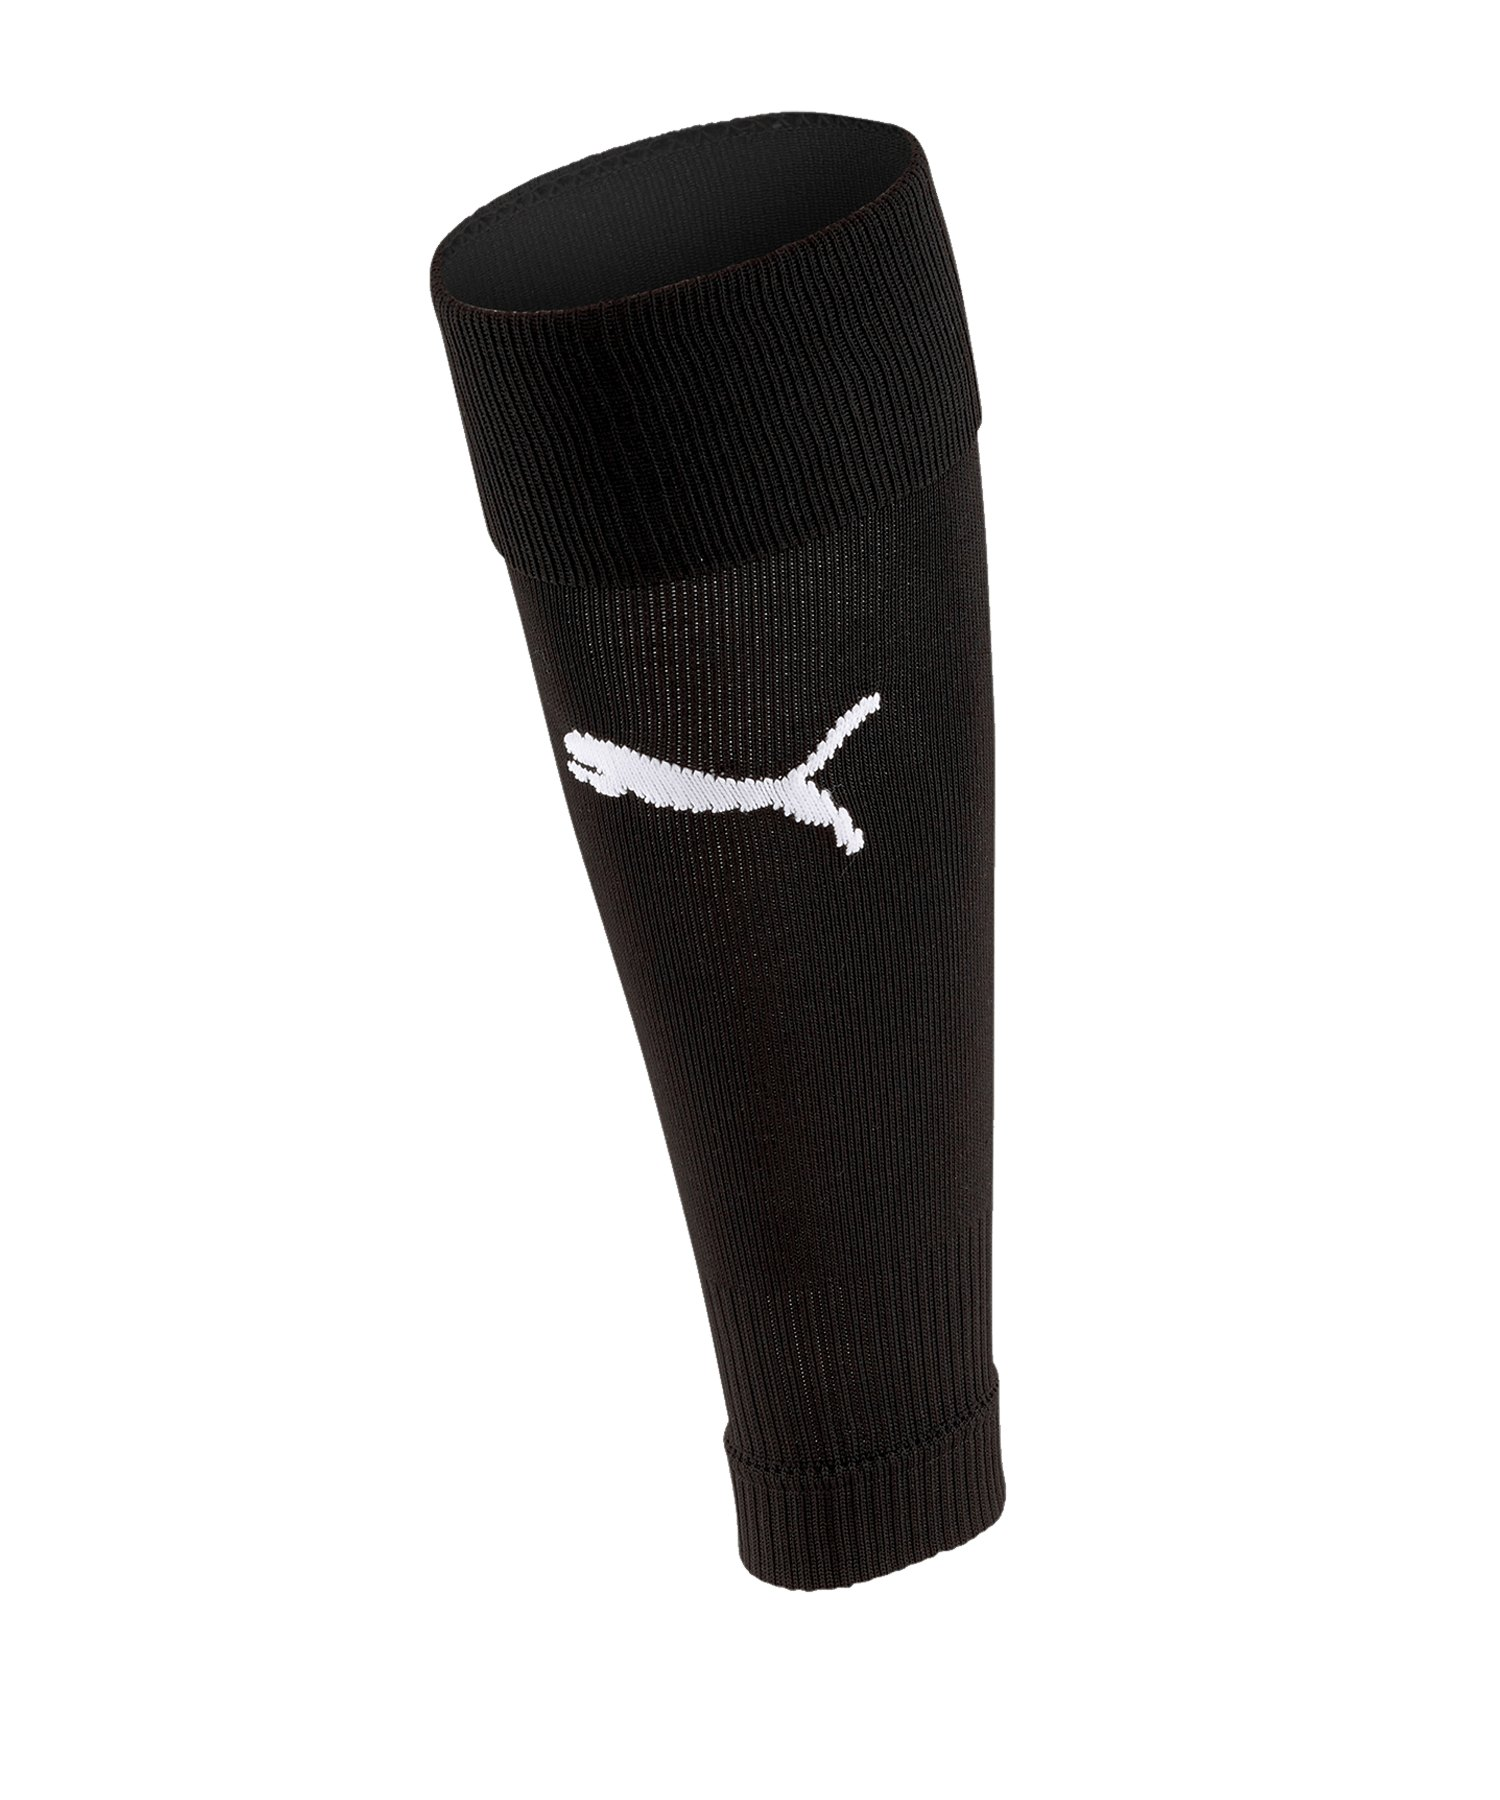 PUMA teamGOAL 23 Sleeve Socks Schwarz F03 - schwarz